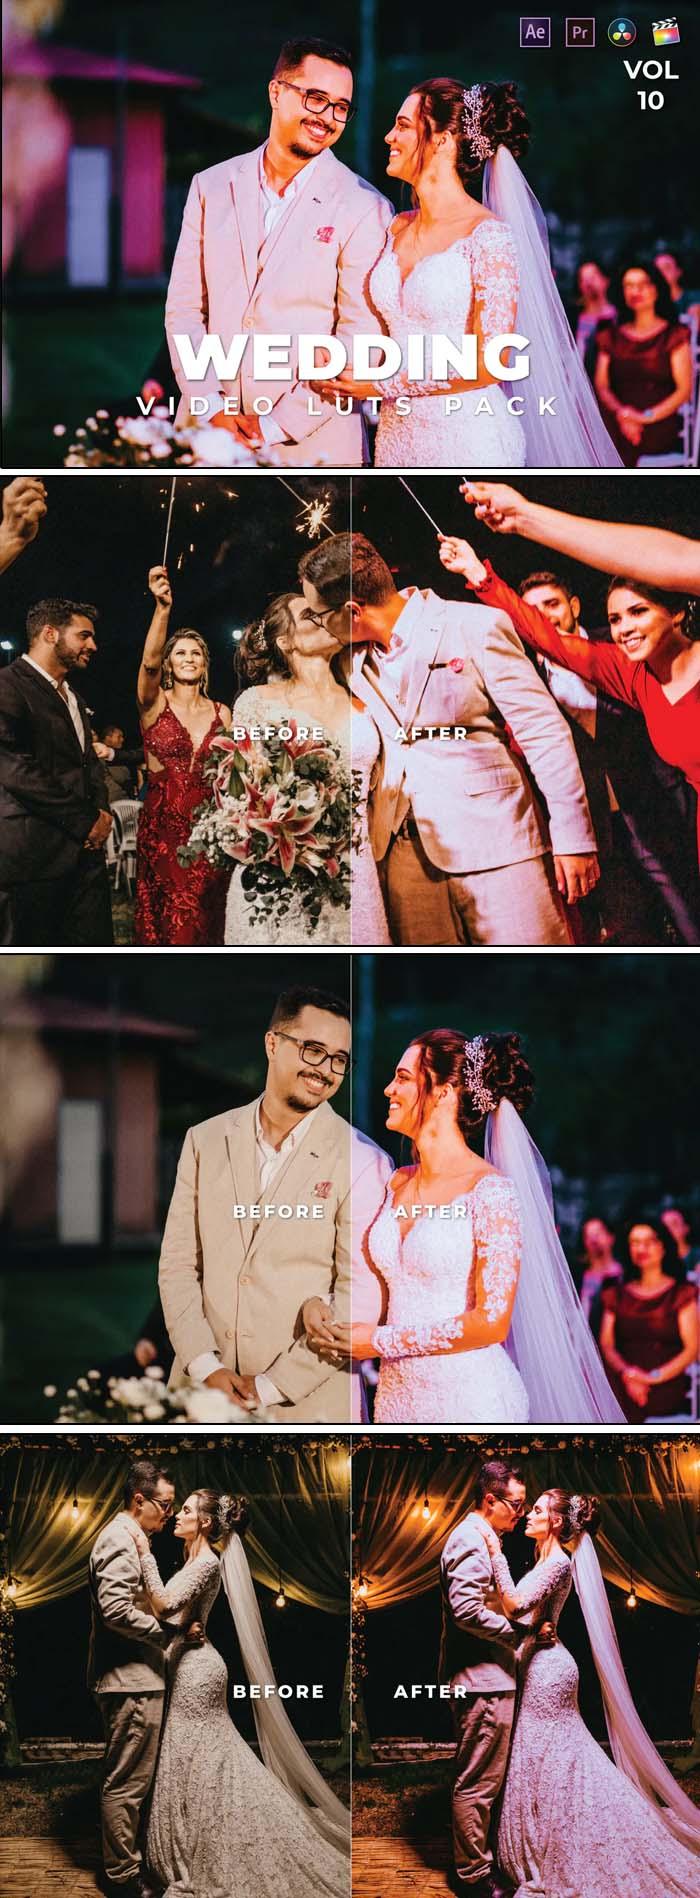 Wedding Pack Video LUTs Vol.10